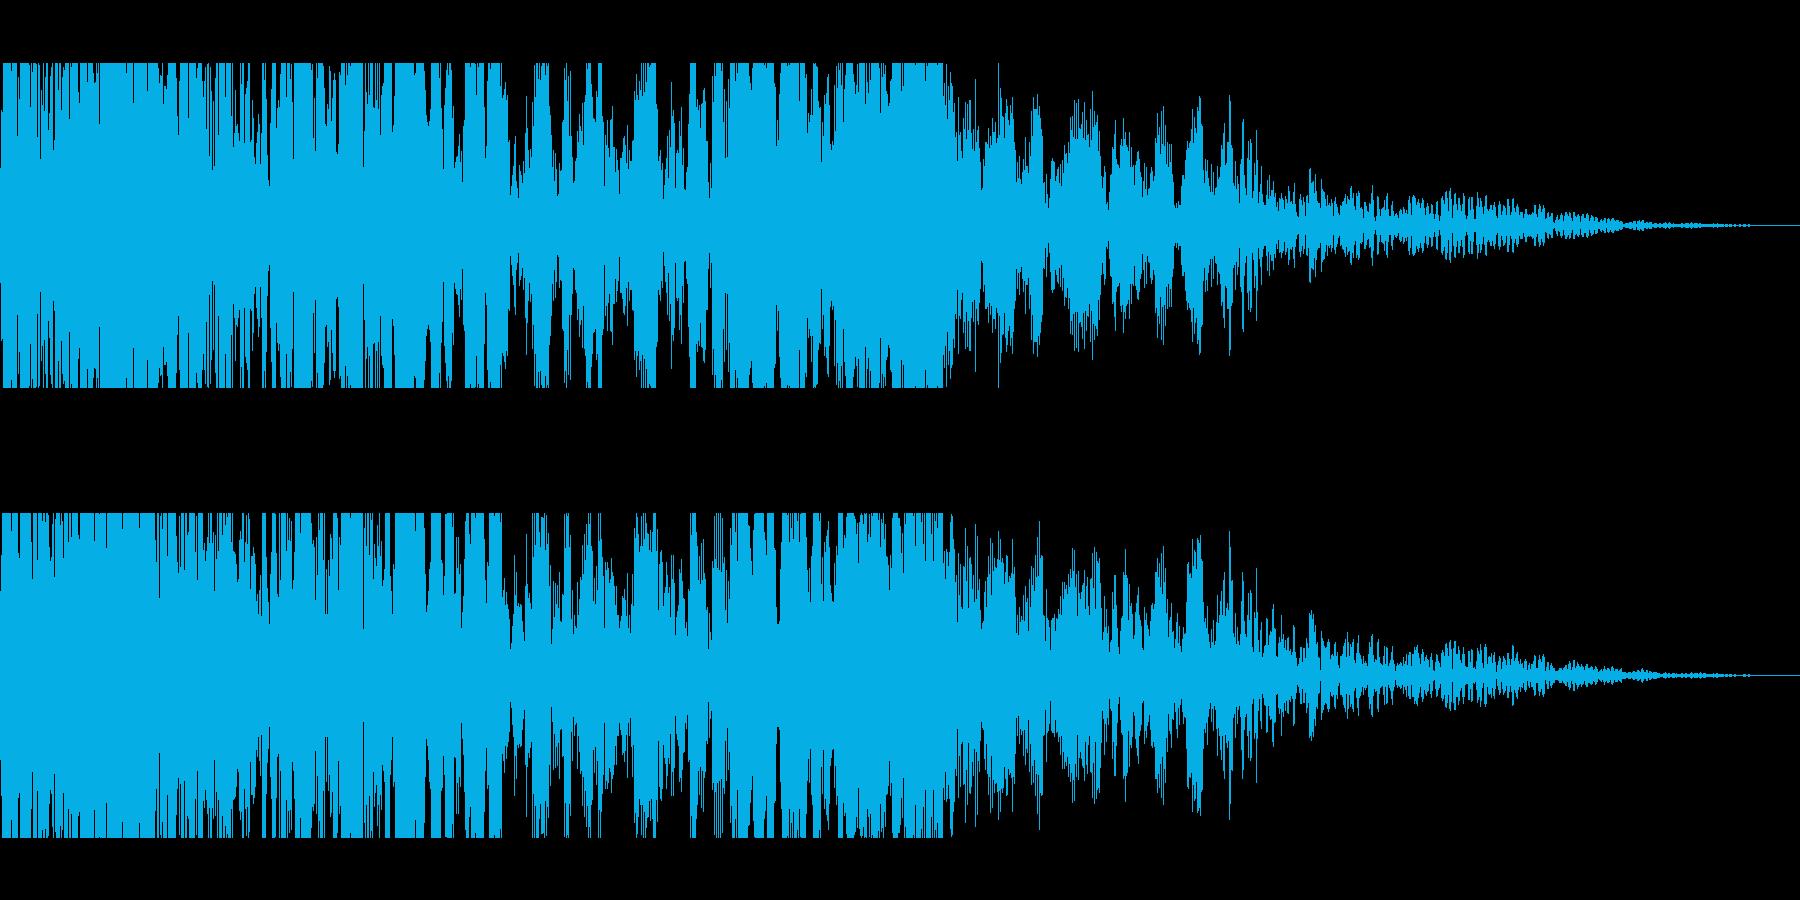 獣モンスターの叫び(長めの遠吠え)の再生済みの波形